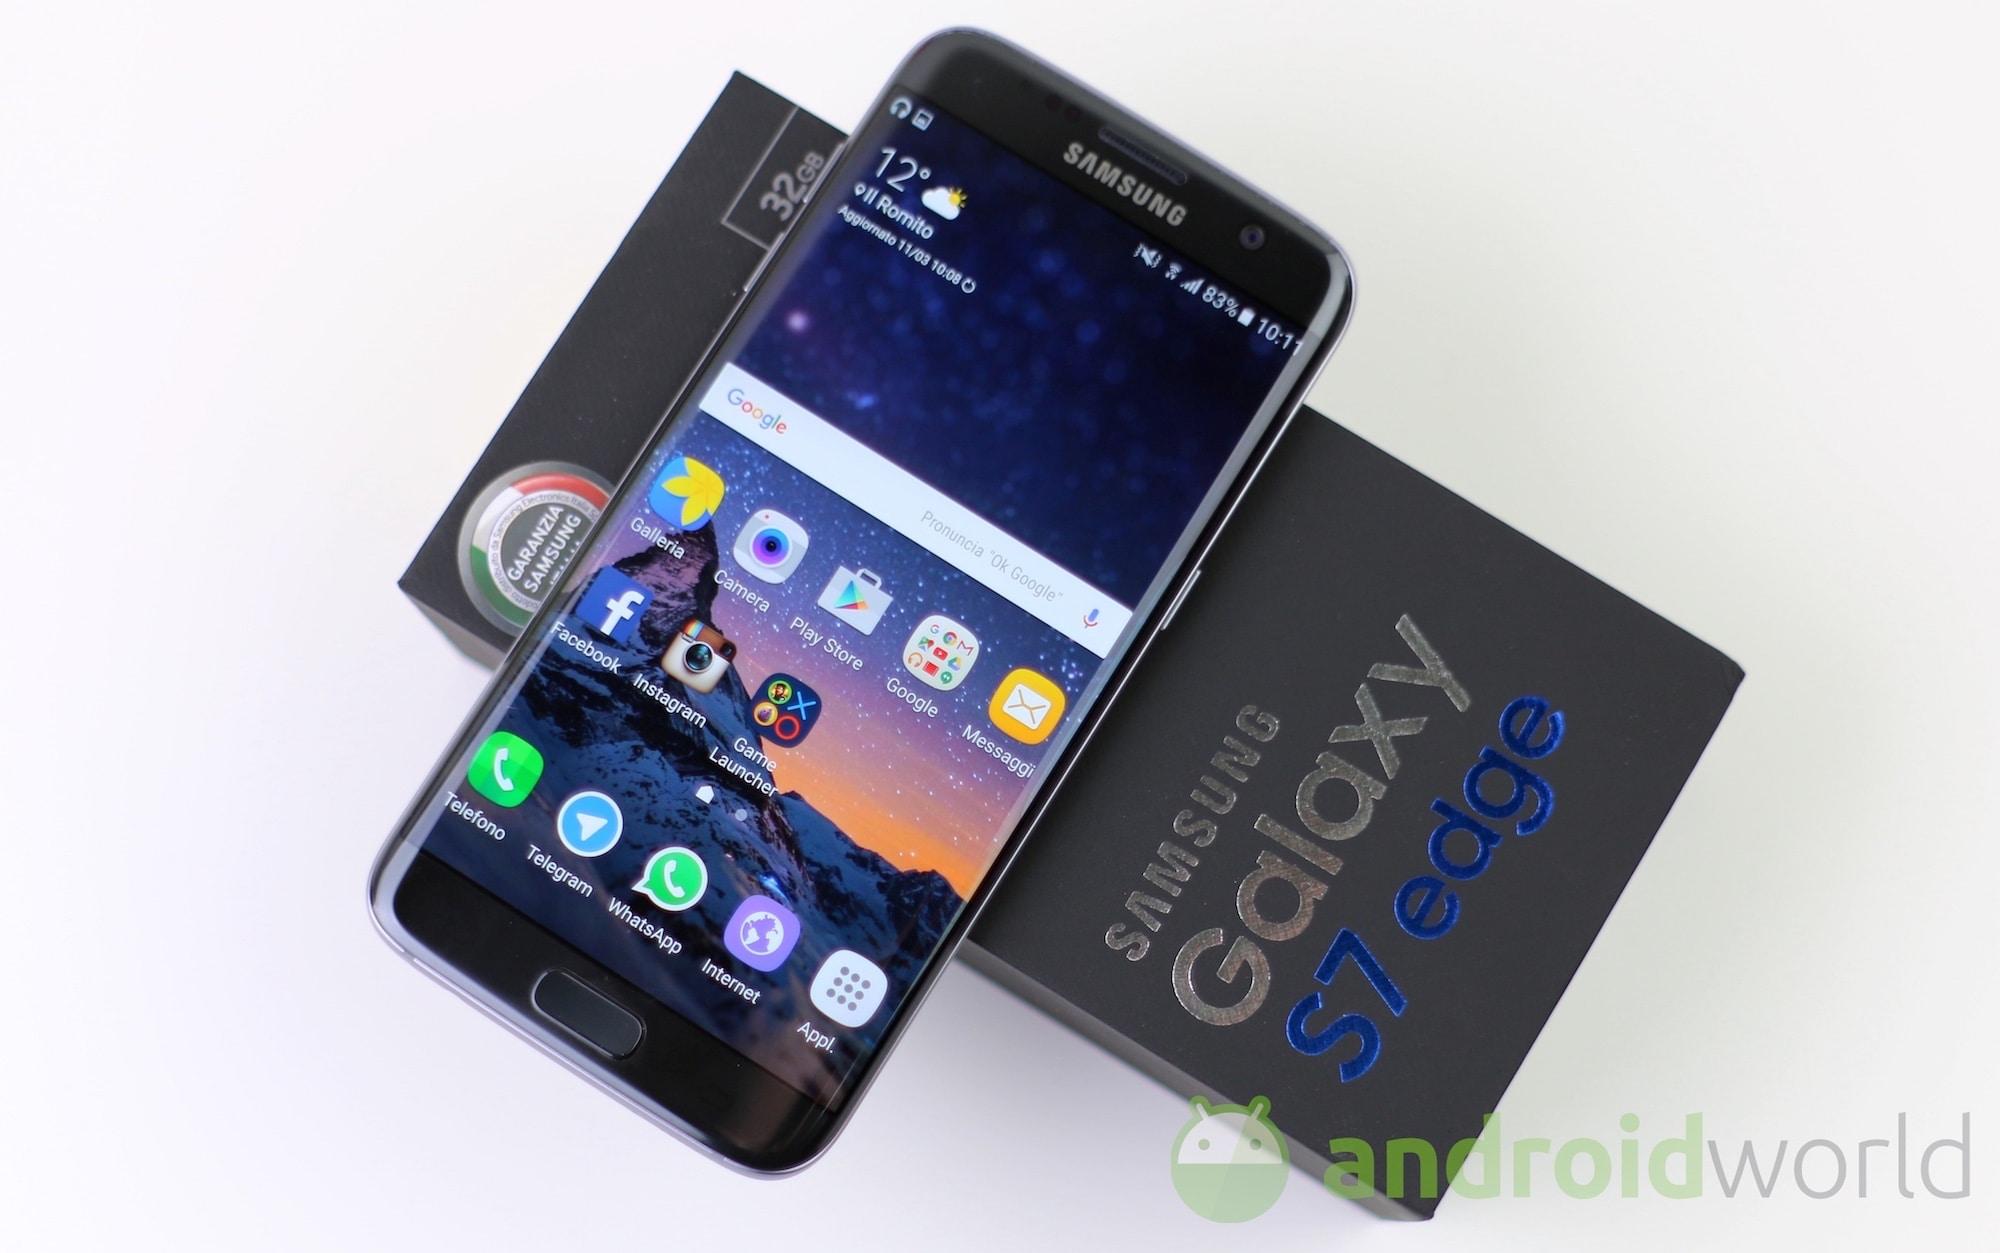 In arrivo l'aggiornamento con le patch di sicurezza di ottobre per Galaxy S7 e S7 edge